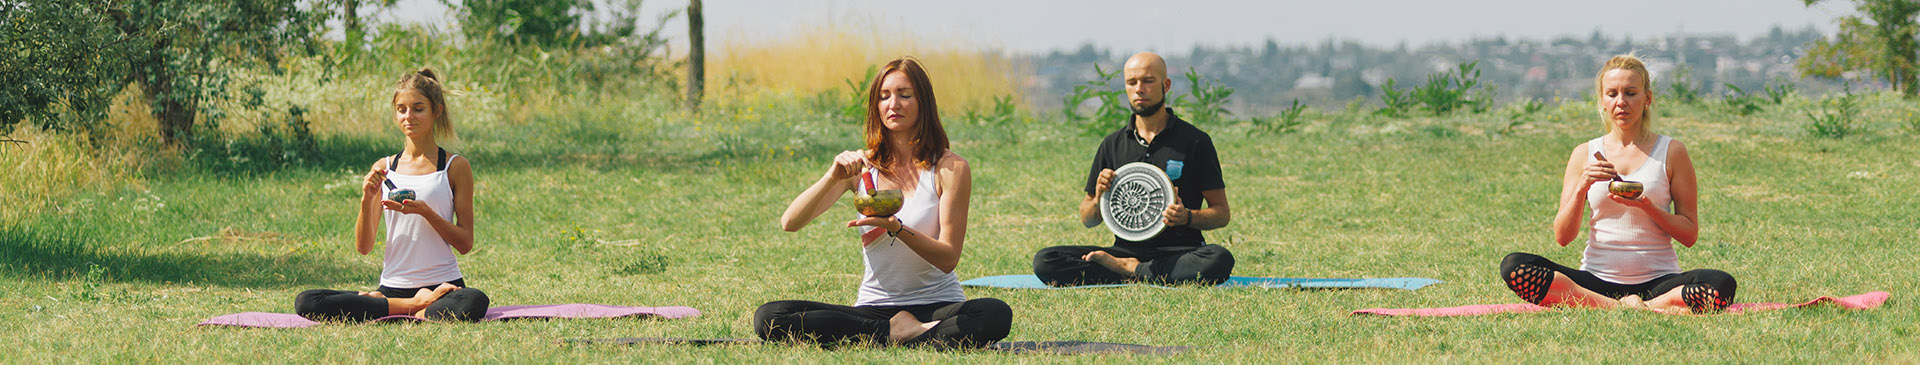 spirituele reizen retraite voor yoga, ayurveda en mindfulness